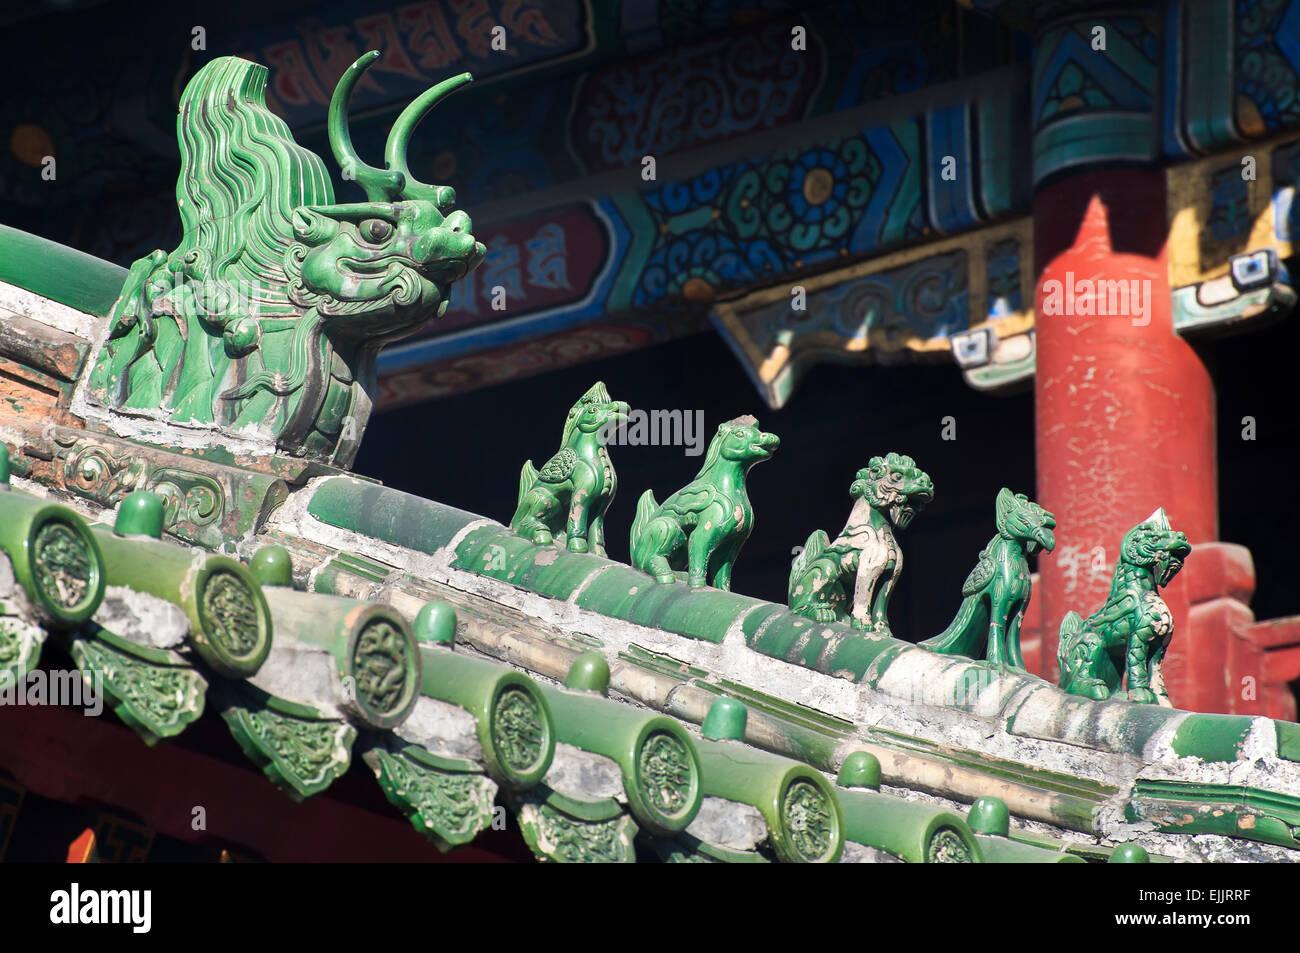 El techo verde figurillas en el Templo Lama, Beijing, China Foto de stock